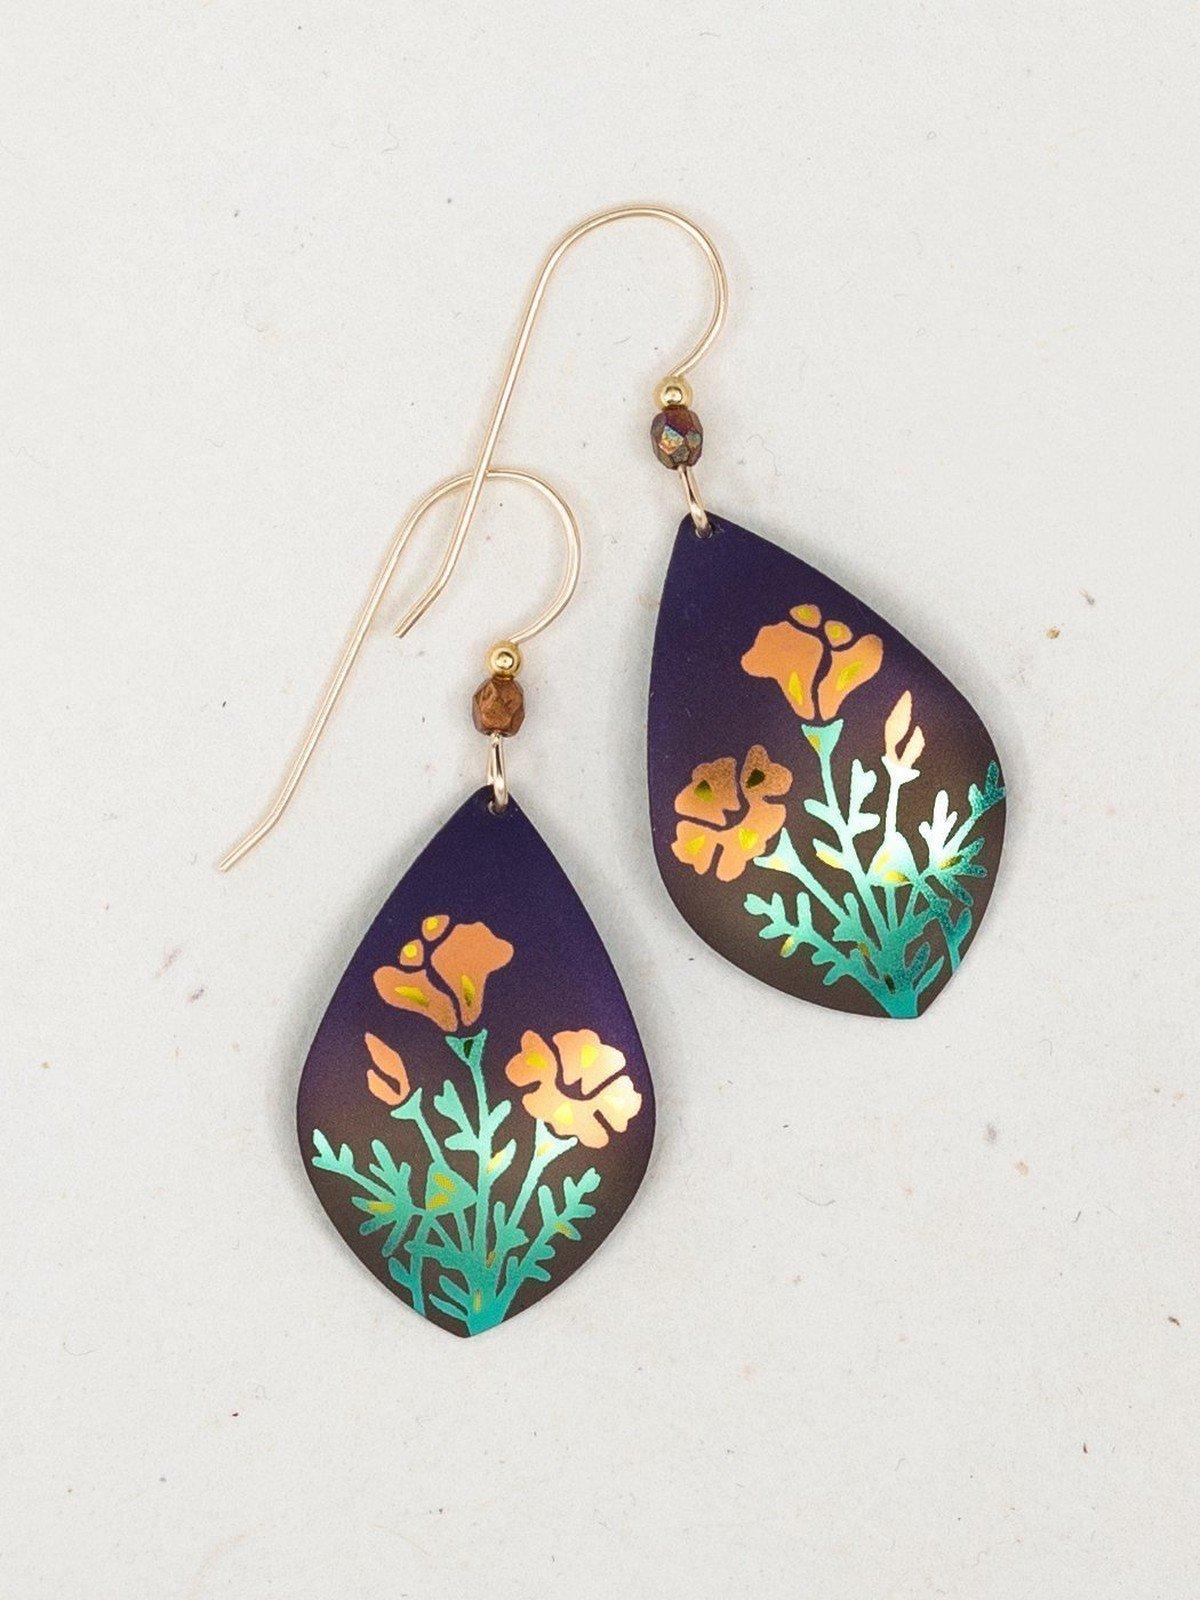 handmade poppy flower earrings by Holly Yashi jewelry